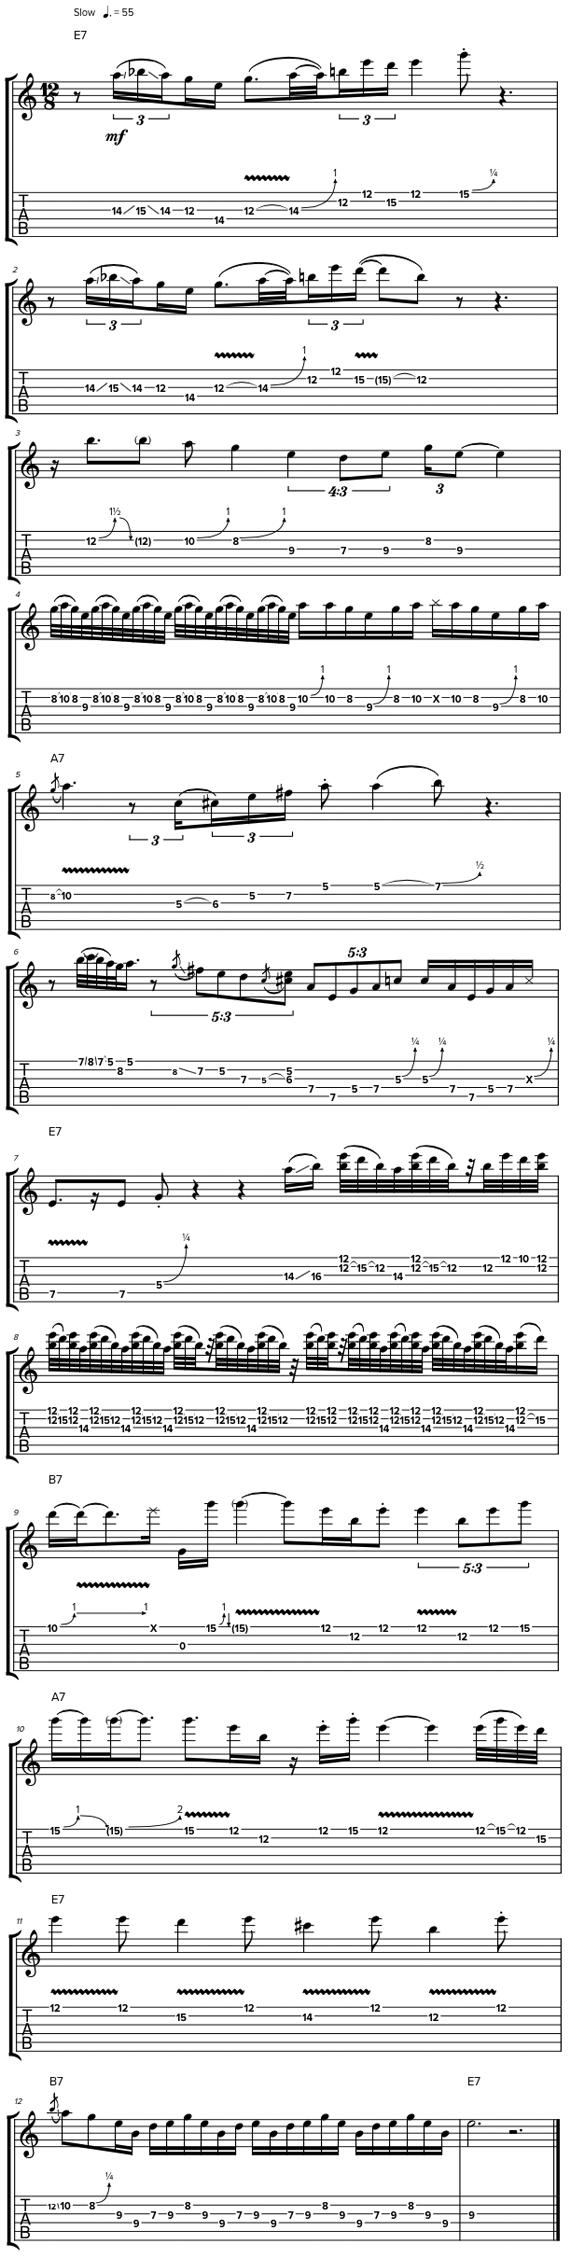 12-ти тактовое соло в стиле медленный блюз на электрогитаре